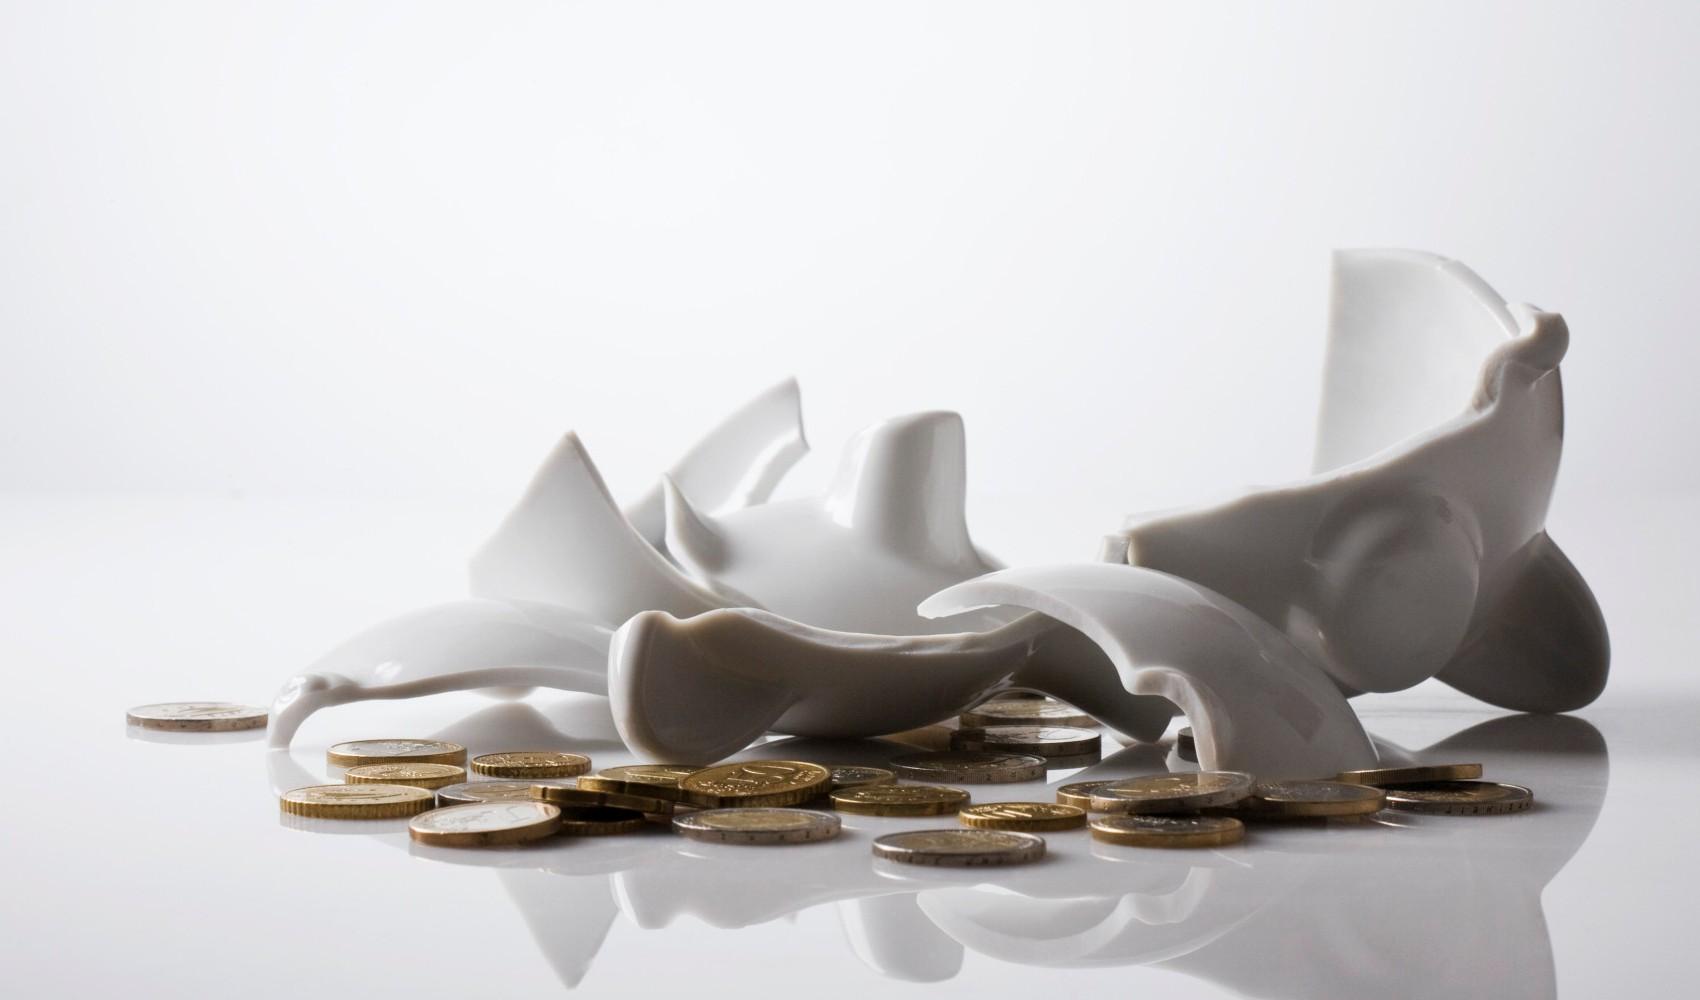 bencana keuangan